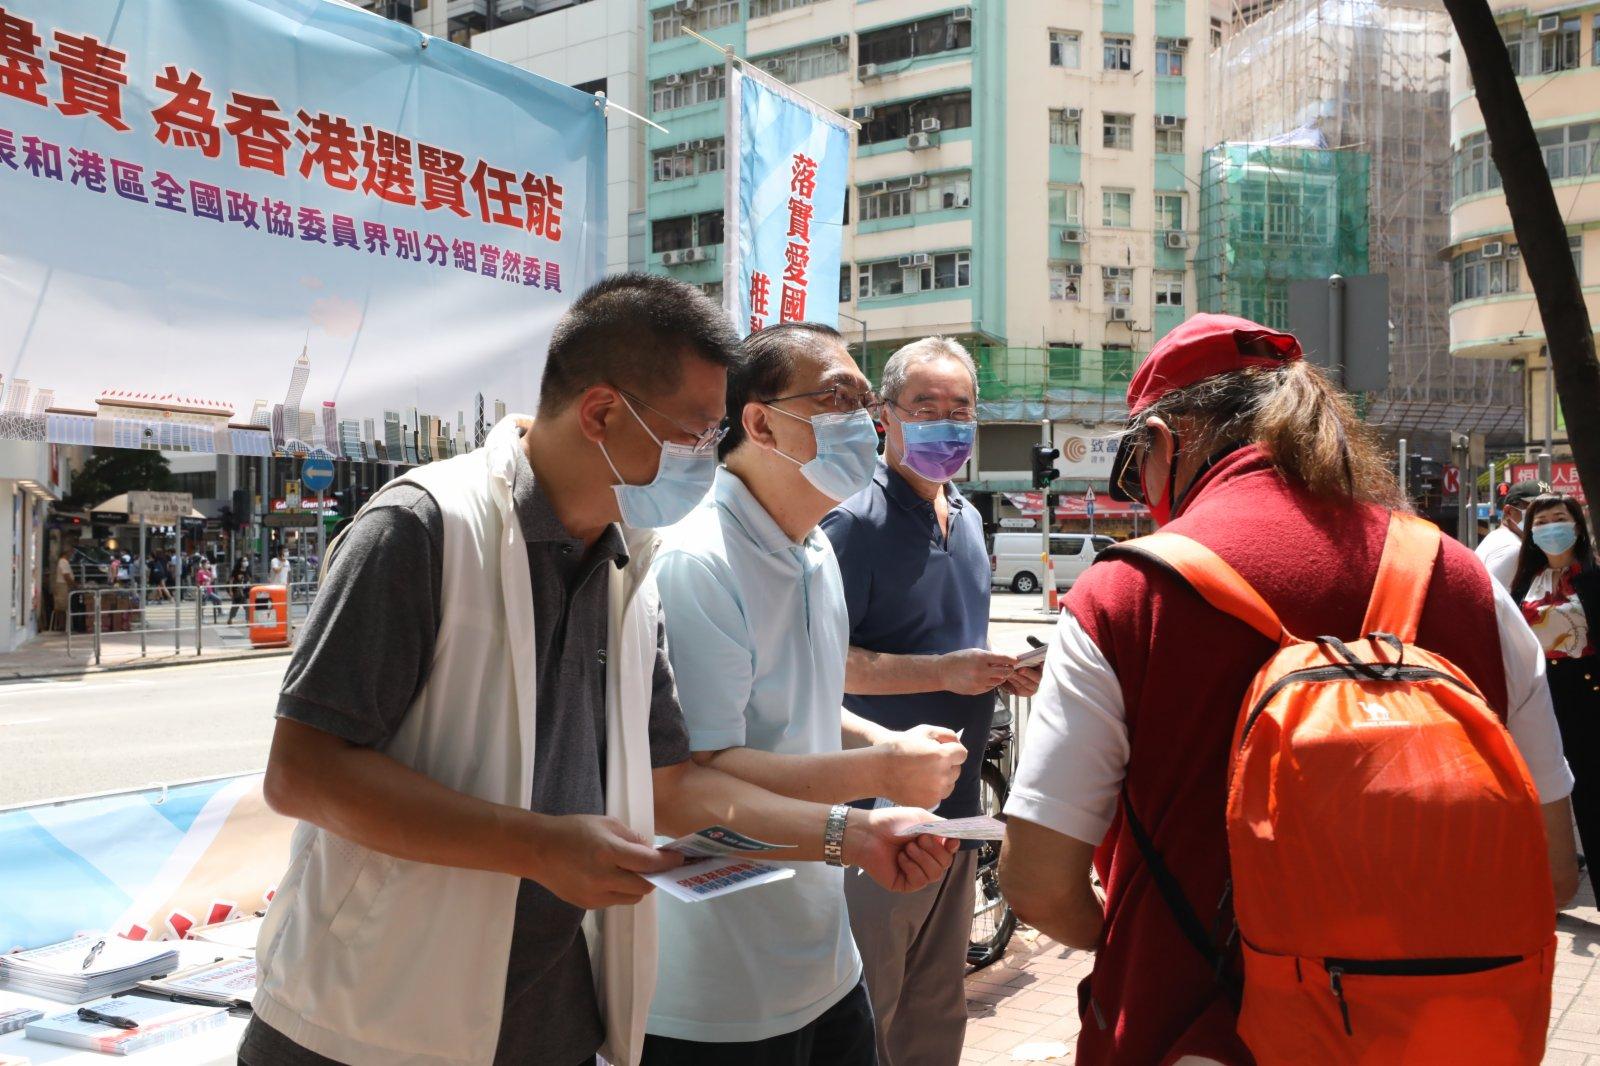 譚耀宗(左二)落區向市民宣傳「愛國者治港」。(大公文匯全媒體記者萬霜靈攝)